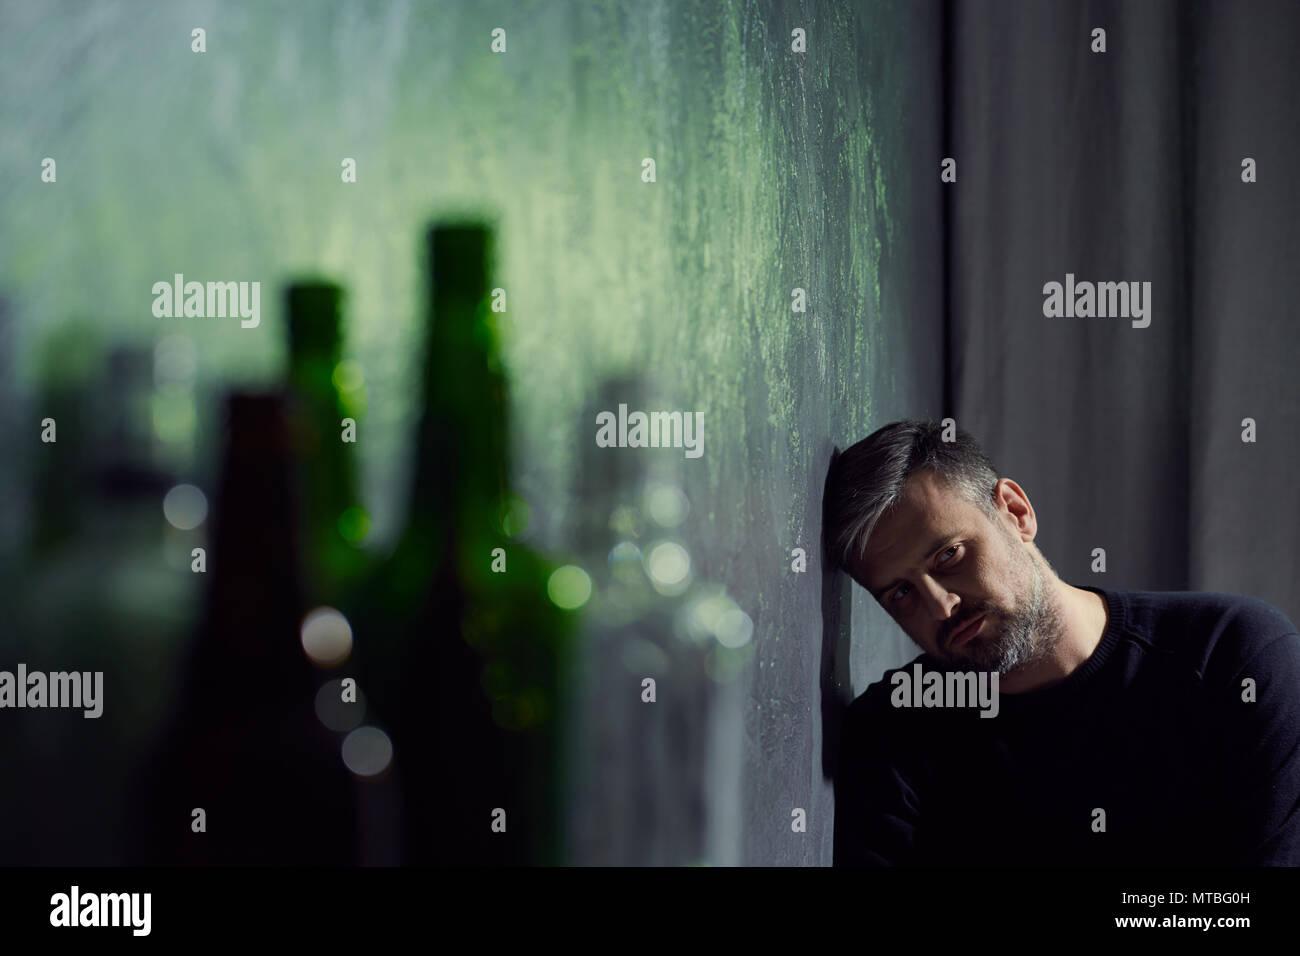 El hombre sufre de depresión con botellas de alcohol vacías Imagen De Stock